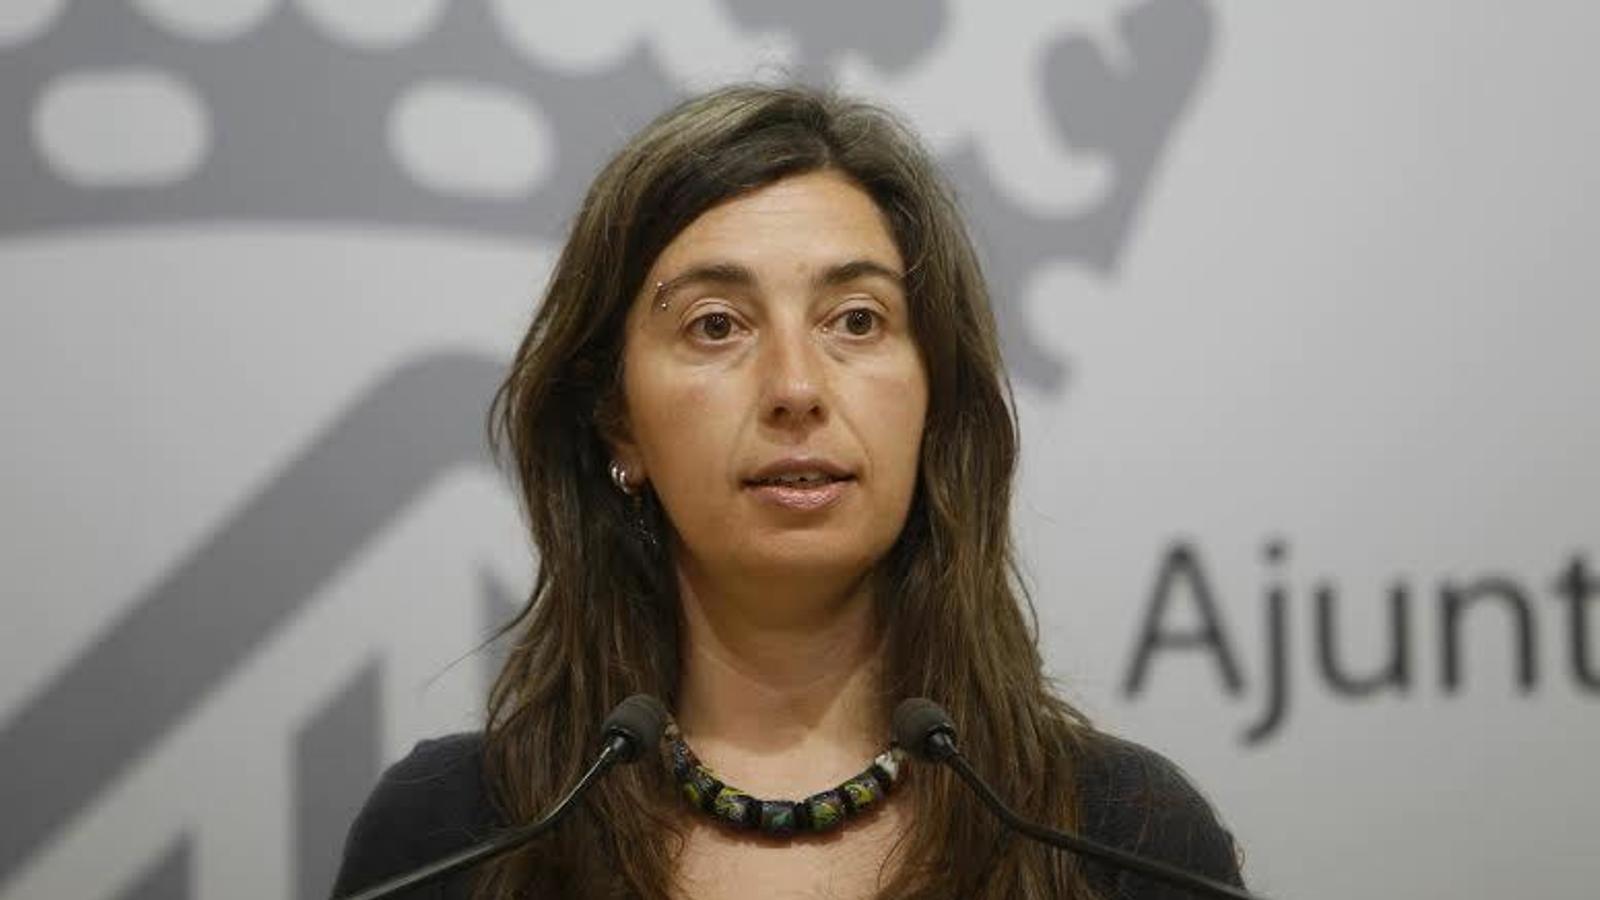 La regidora de l'Ajuntament de Palma, Neus Truyol, en una imatge d'arxiu.